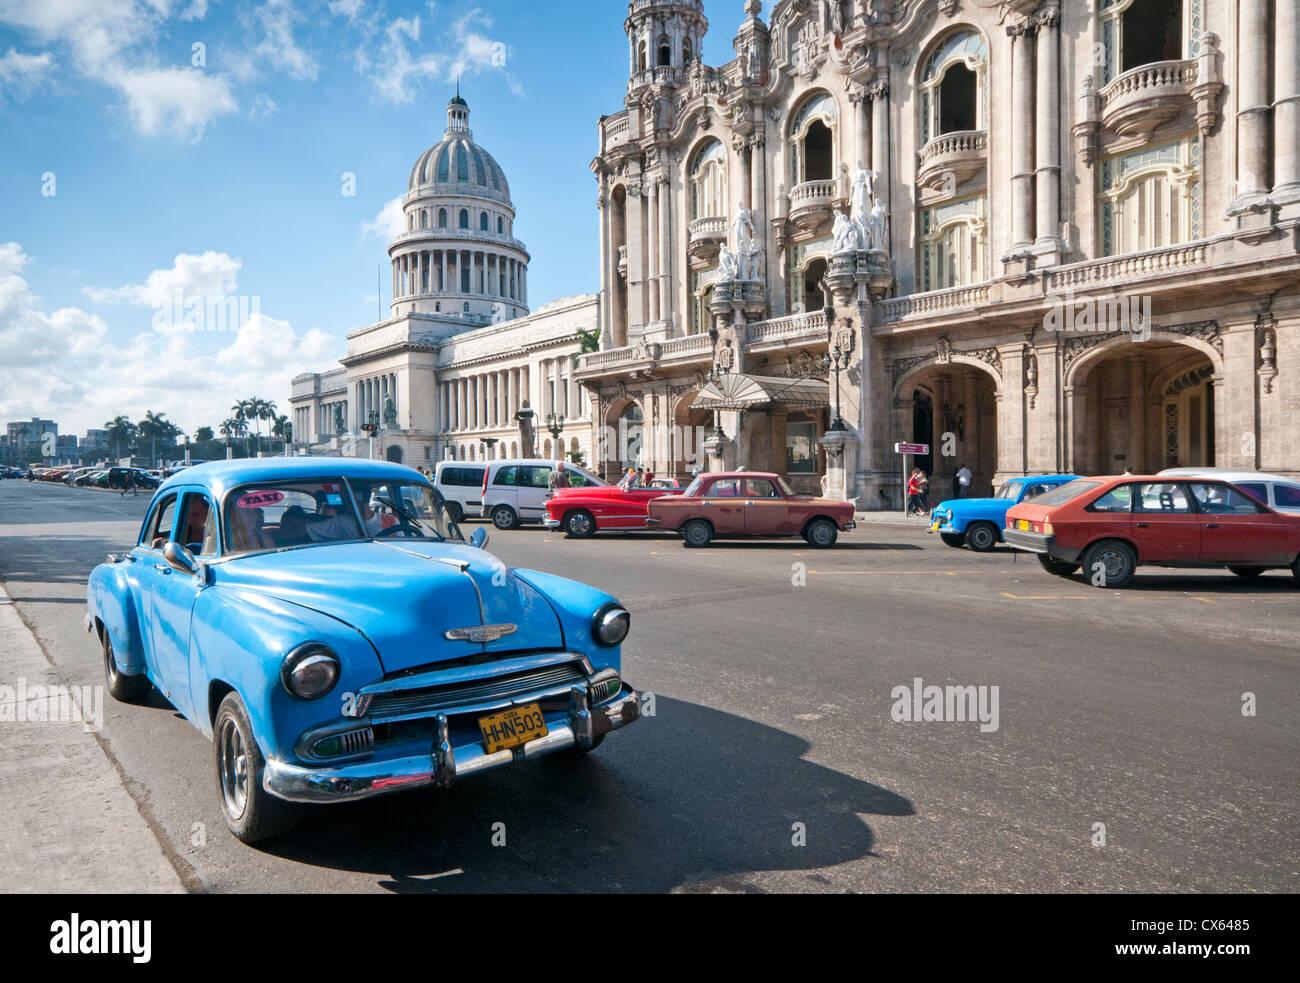 Viejos Coches americanos pasando el Edificio Capitolio y el Gran Teatro de La Habana, el Paseo de Martí, Habana Imagen De Stock